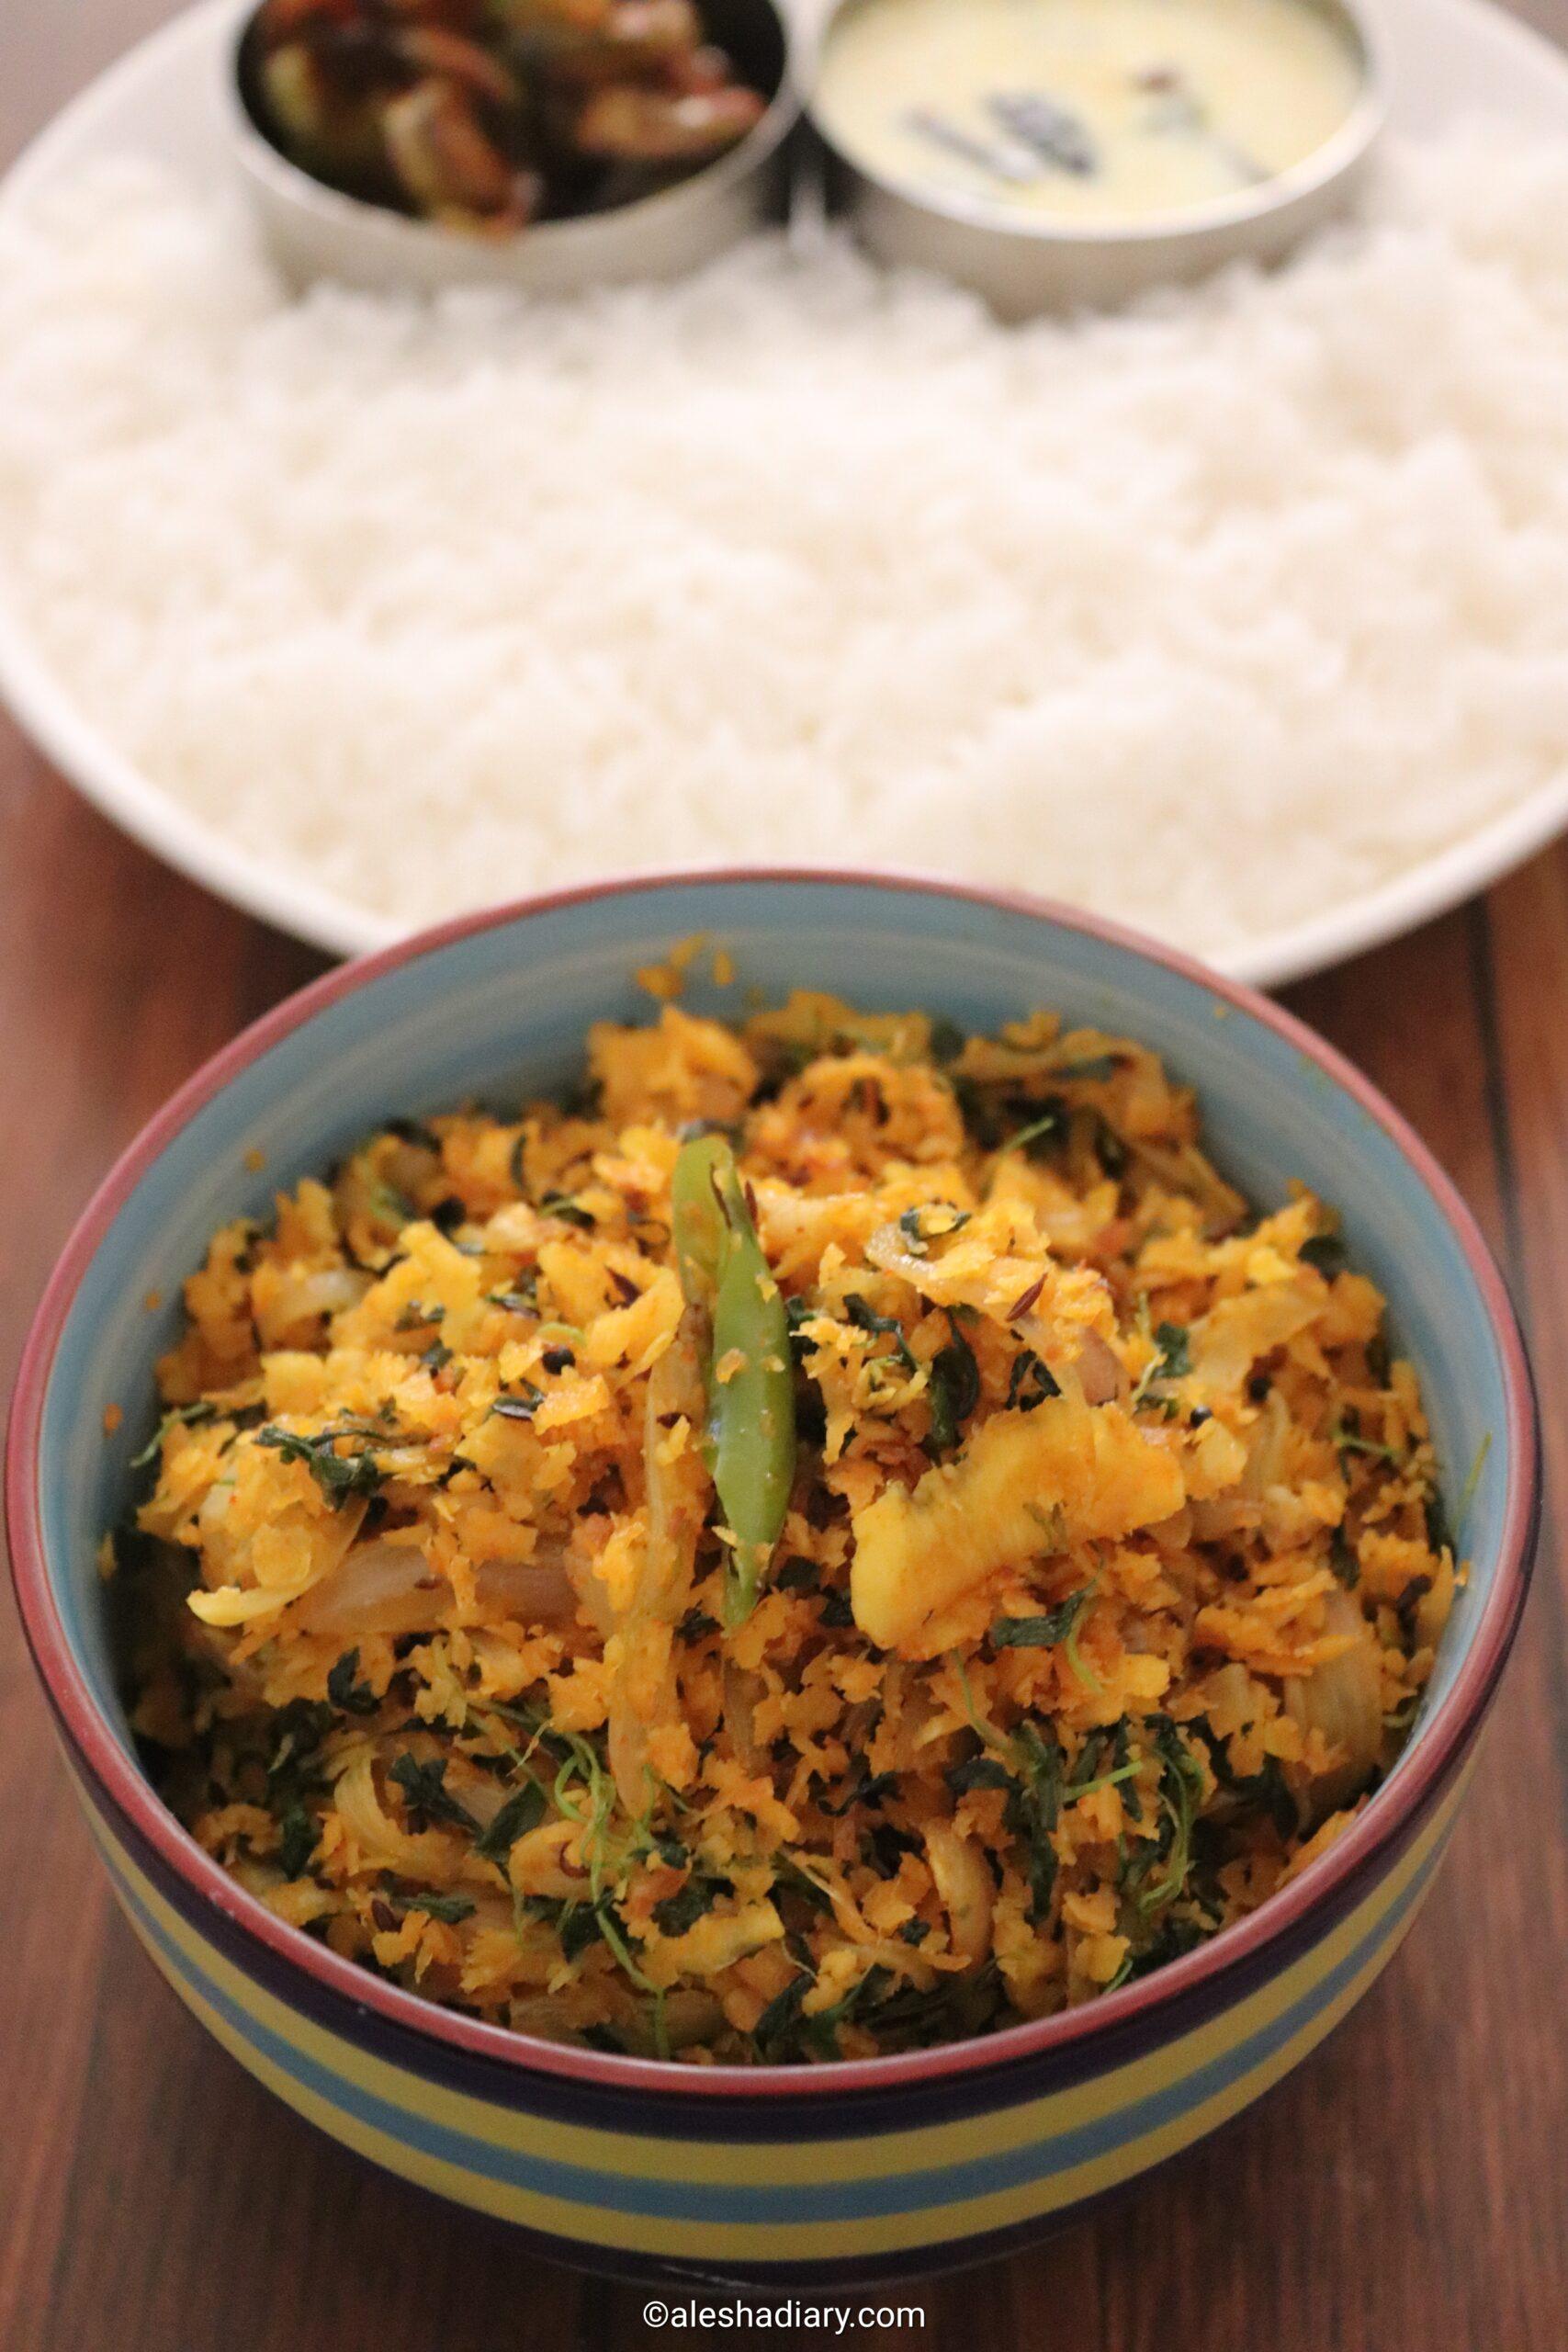 Vendaya keerai Thoran – Methi (Fenugreek) leaves with coconut stir-fry